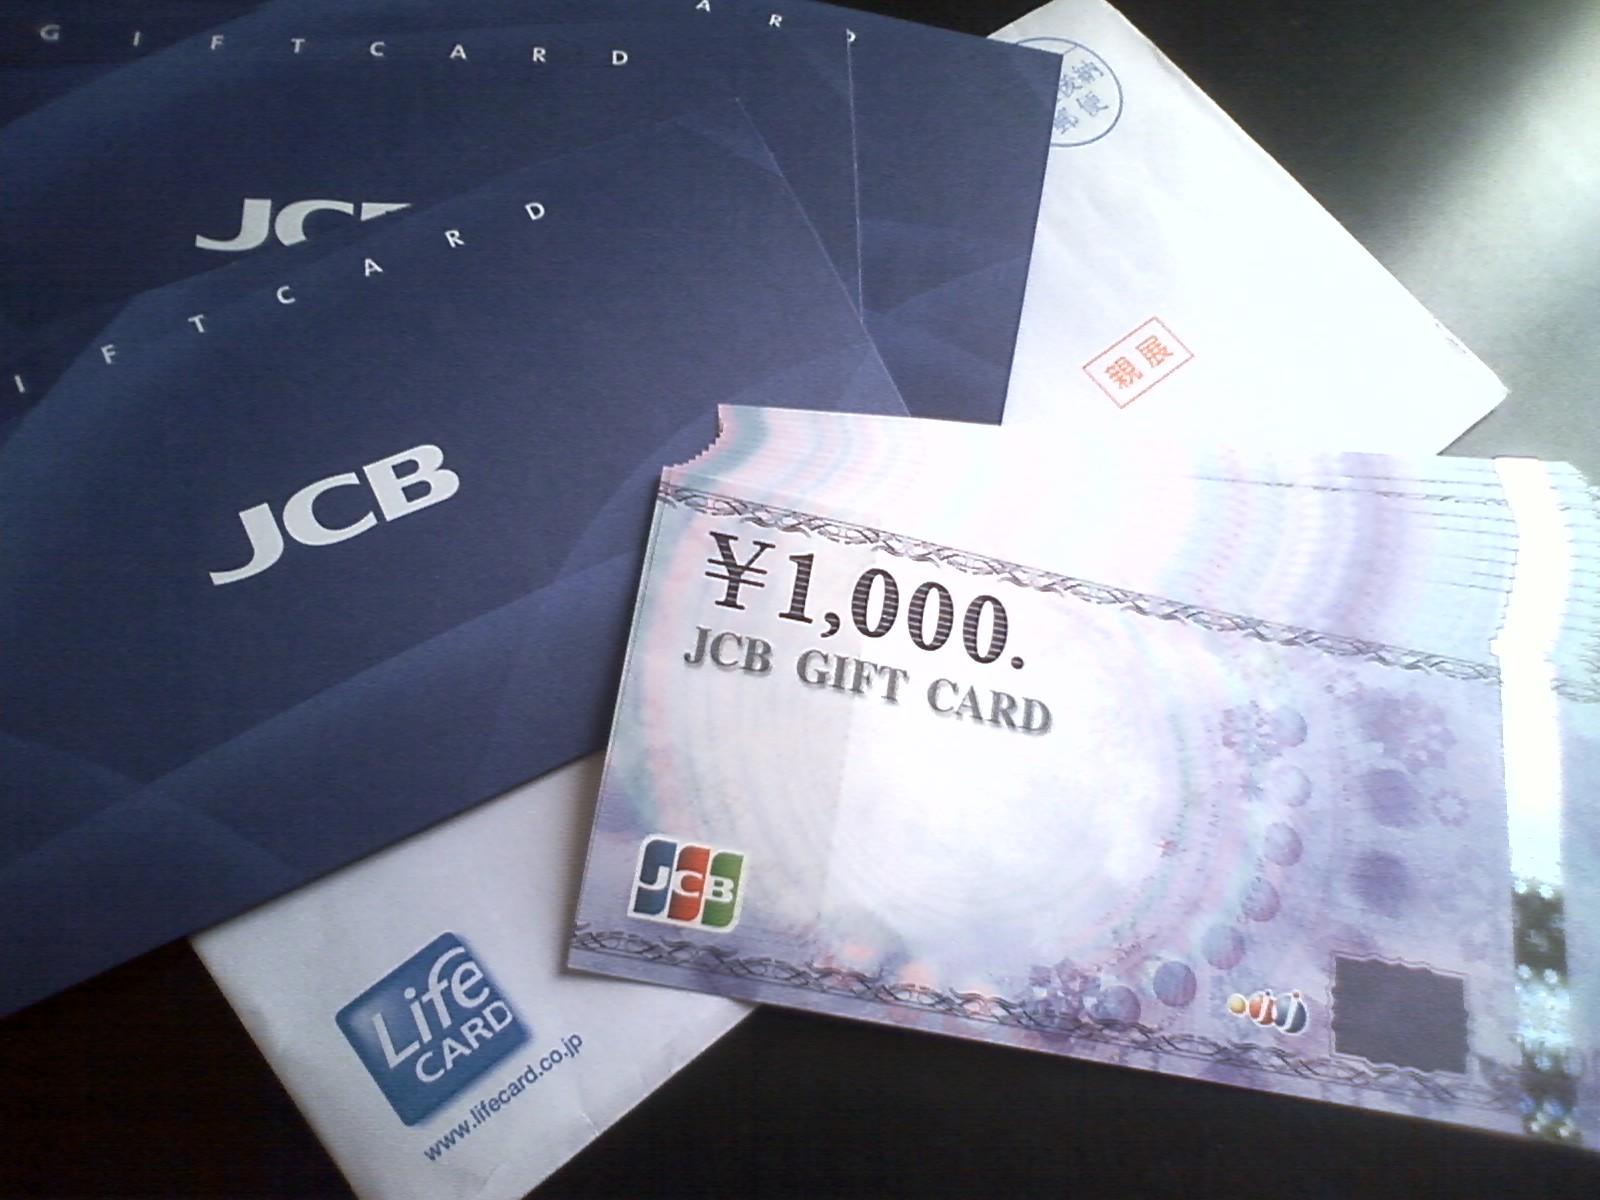 トップ 素晴らしい ギフトカード jcb   9824